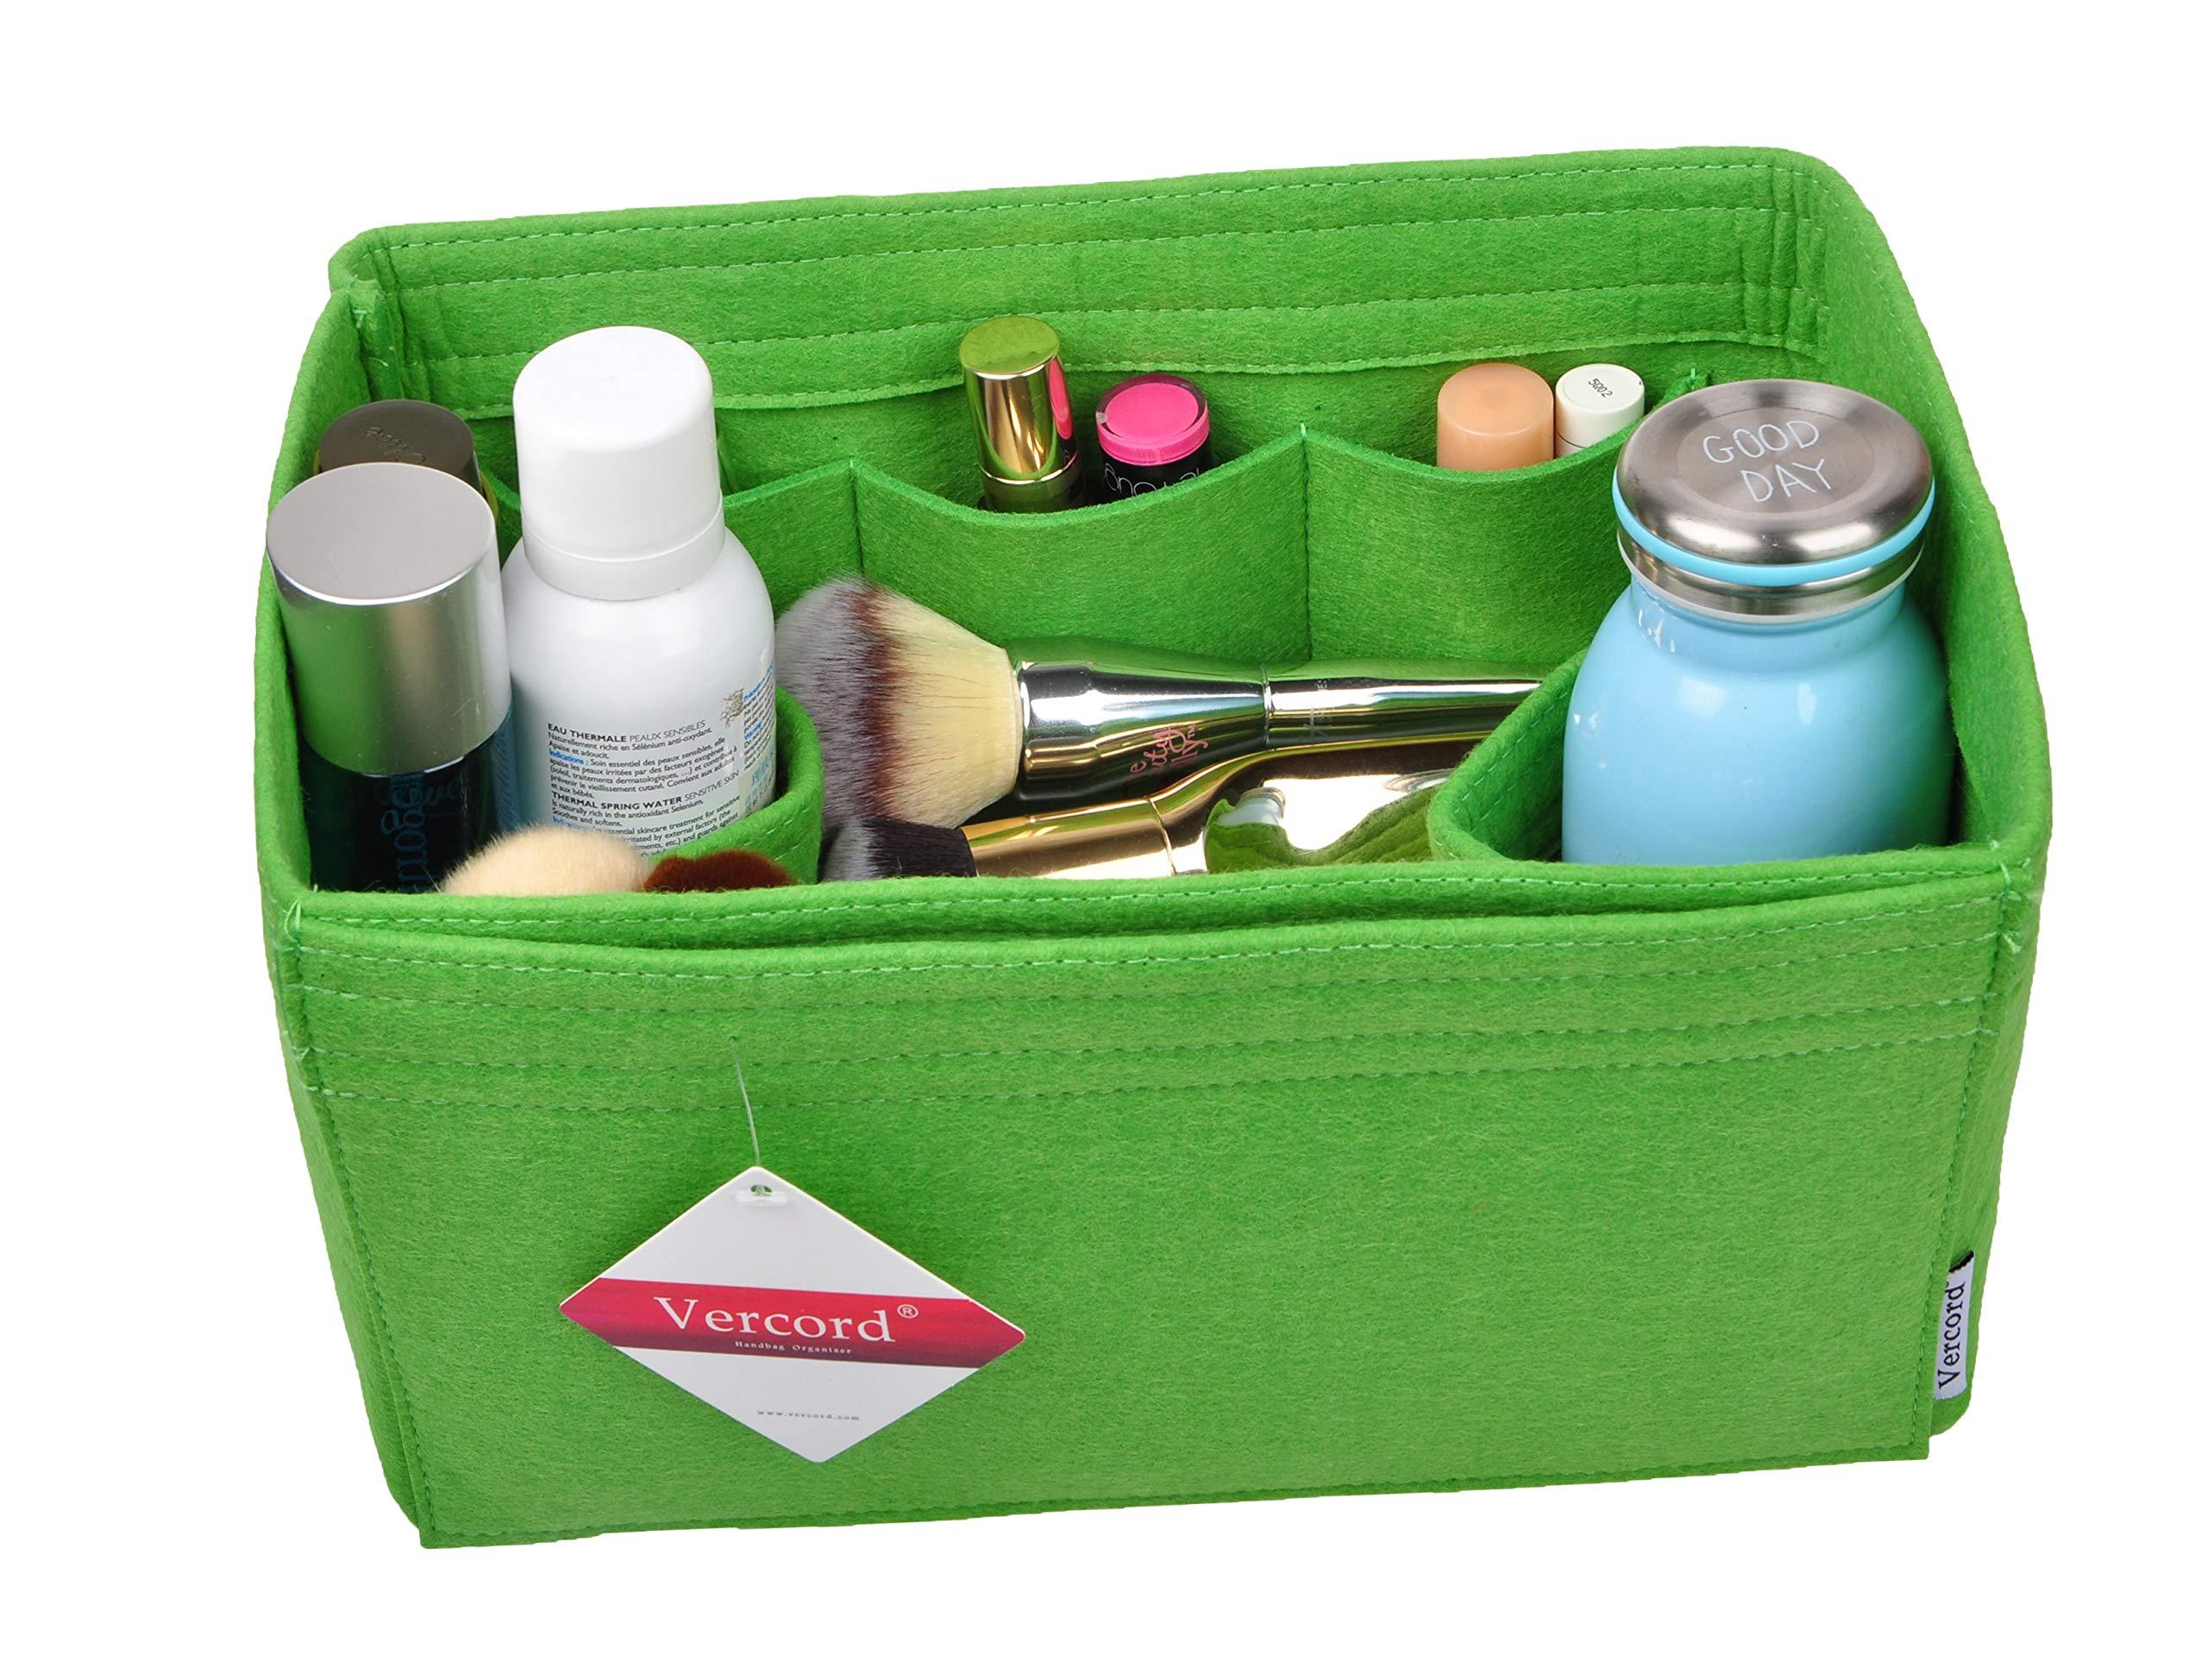 Vercord Purse Organizer Insert Felt Neverful Bag Handbag Tote Organizer In Bag Shaper Liner Green Medium